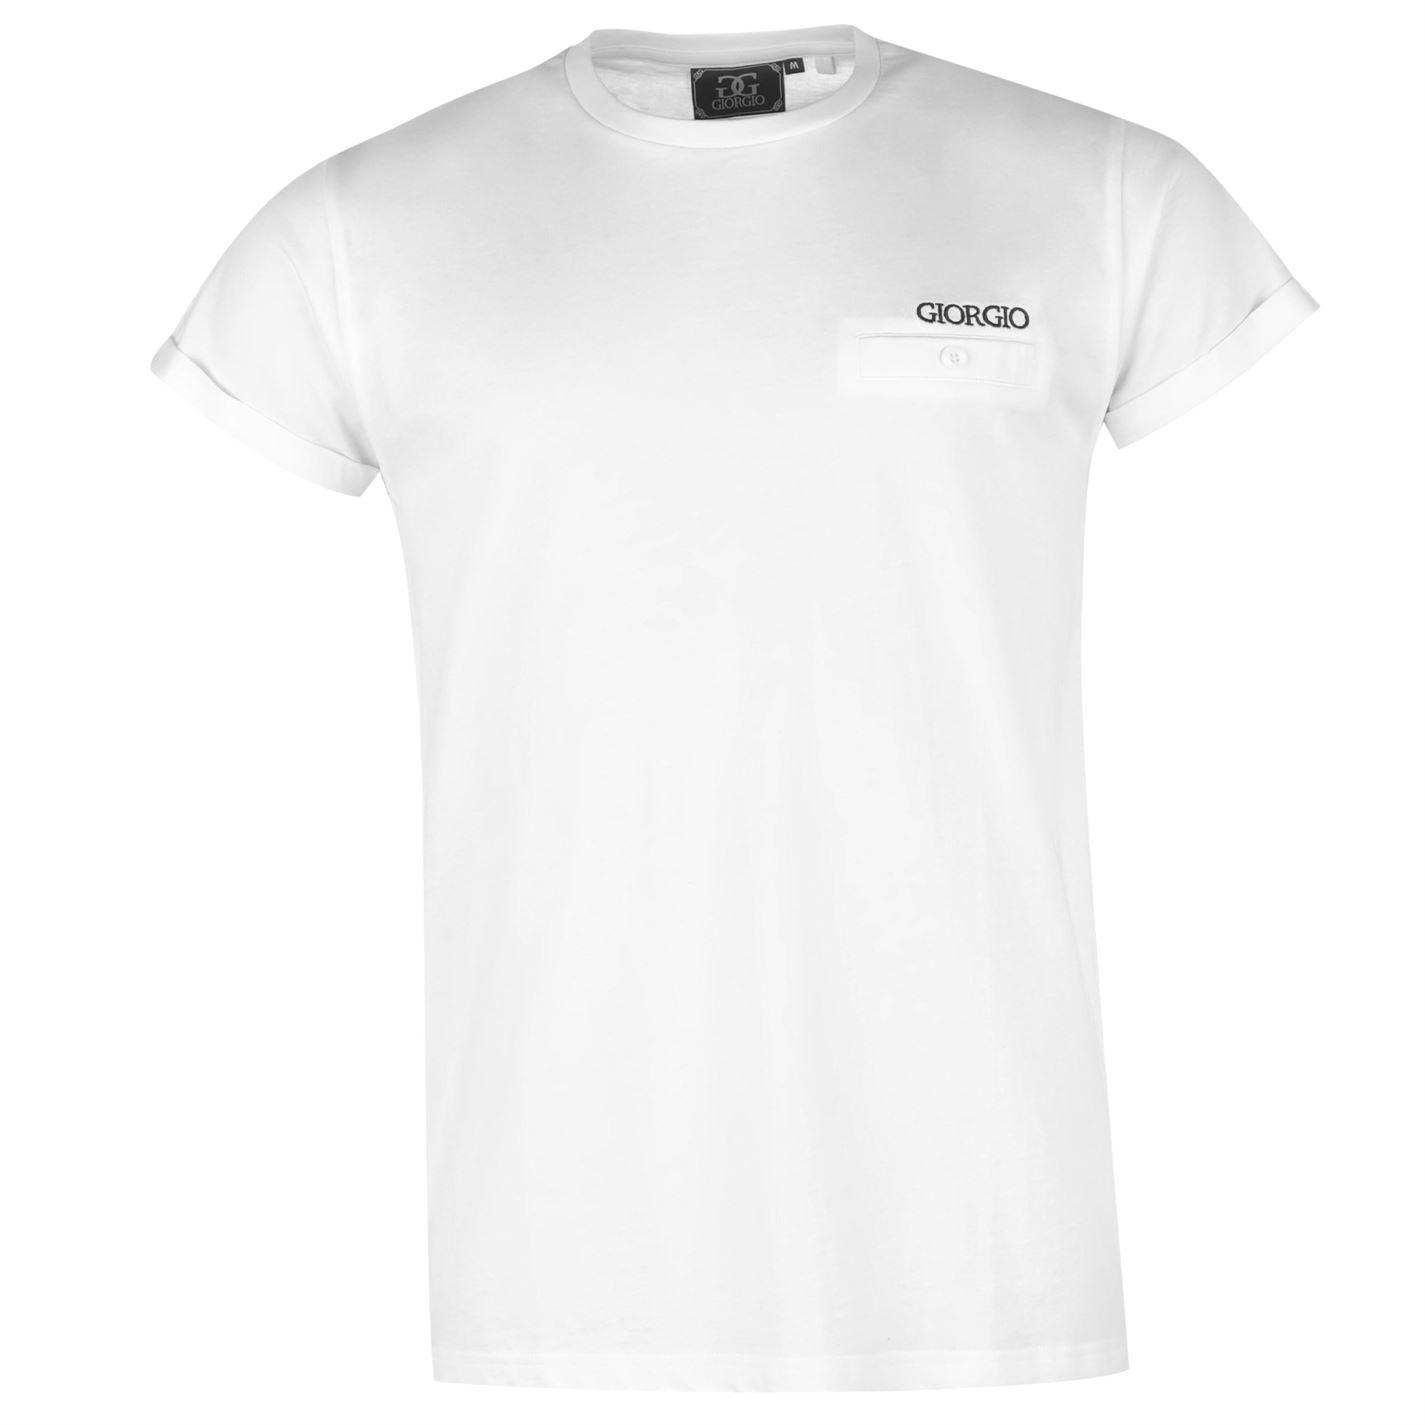 Giorgio Essential Roll up Sleeve T Shirt Mens